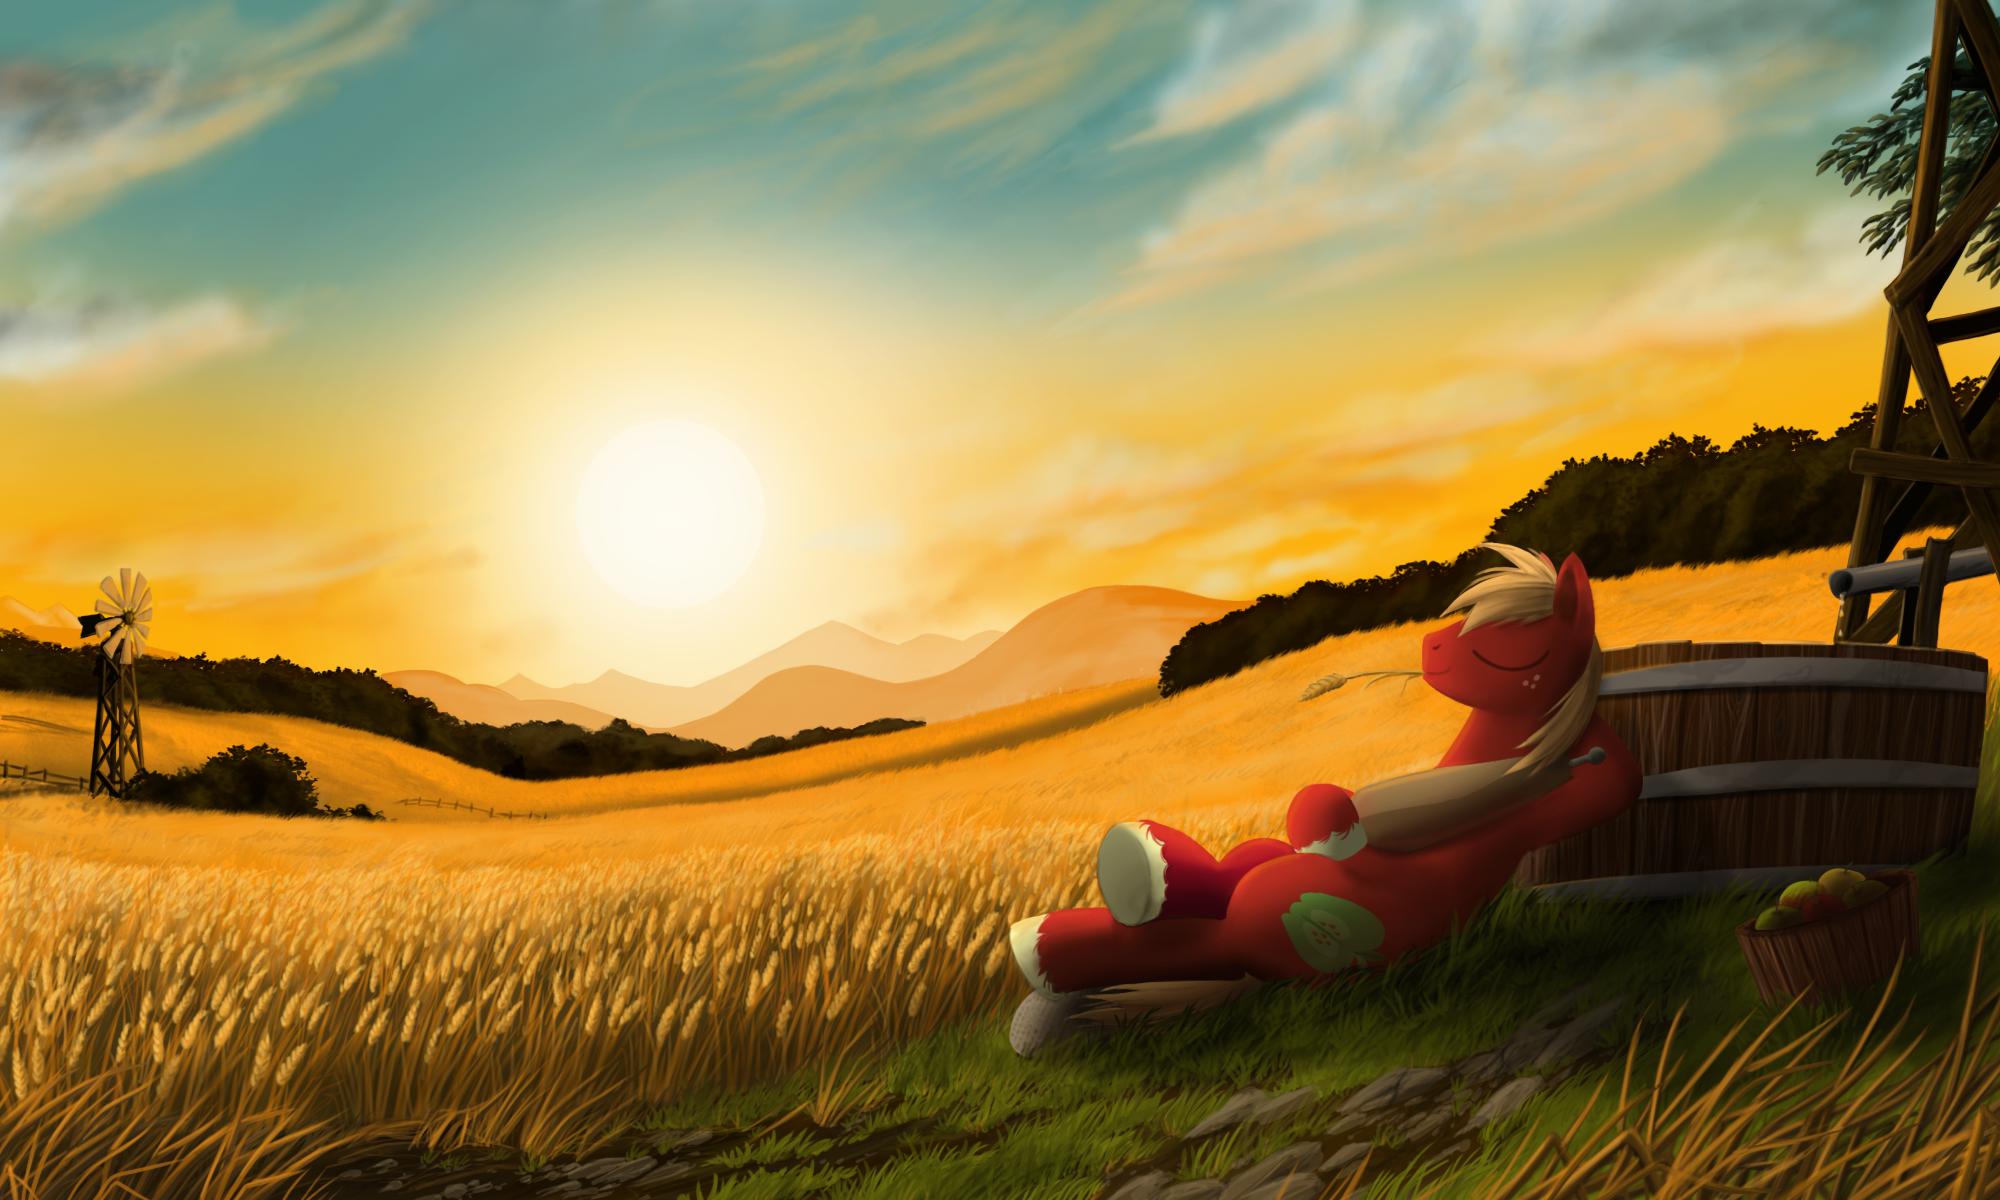 Bigmac Sunset by Cerebre-Arkor